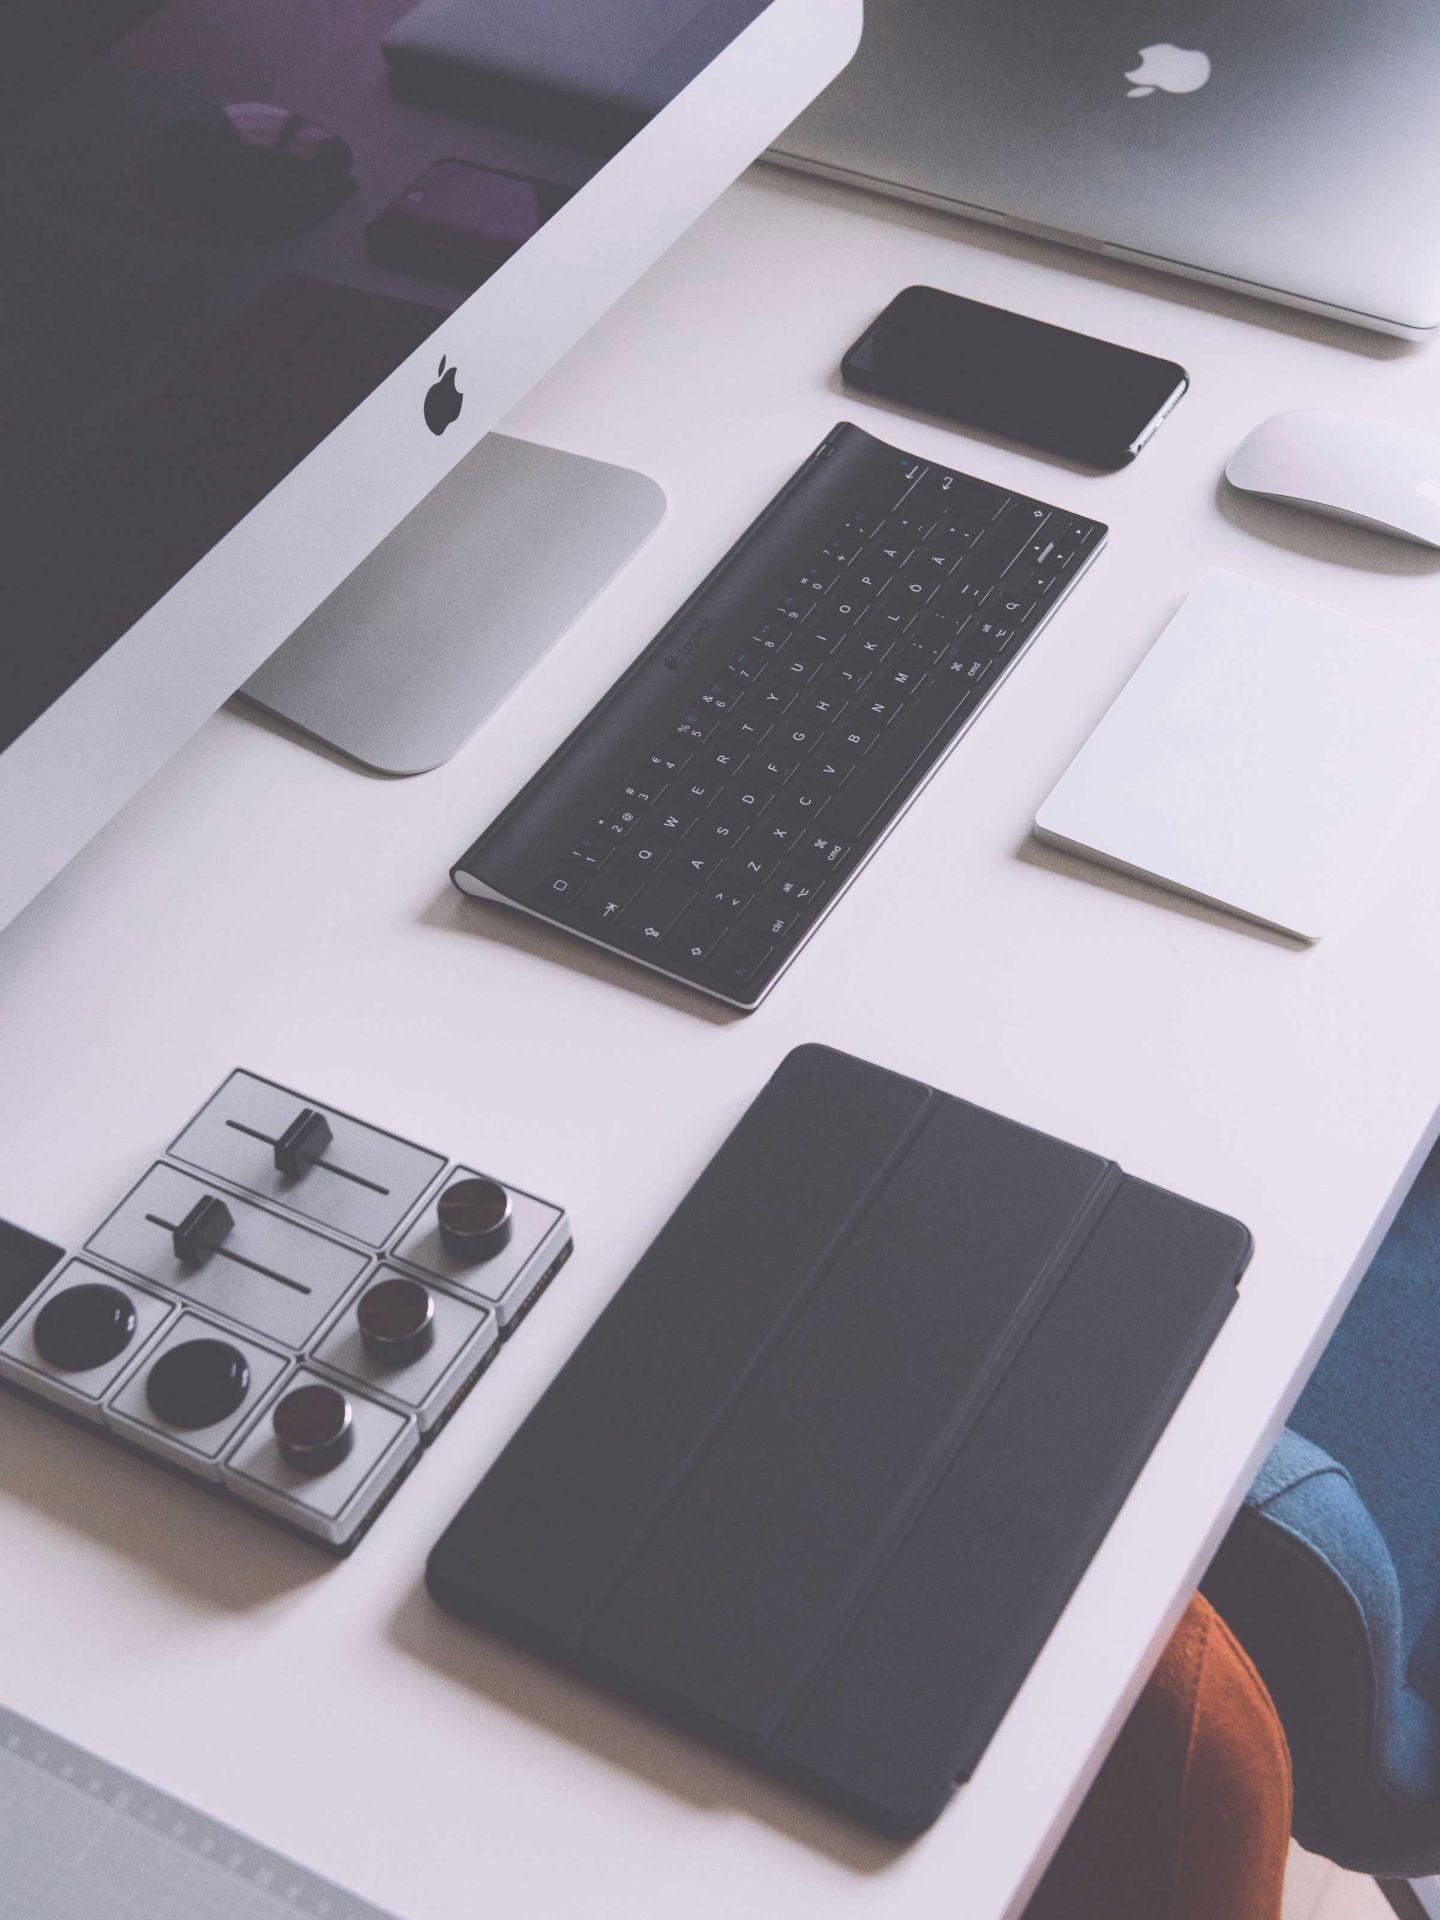 cursussen afbeelding: toetsenbord en Apple scherm